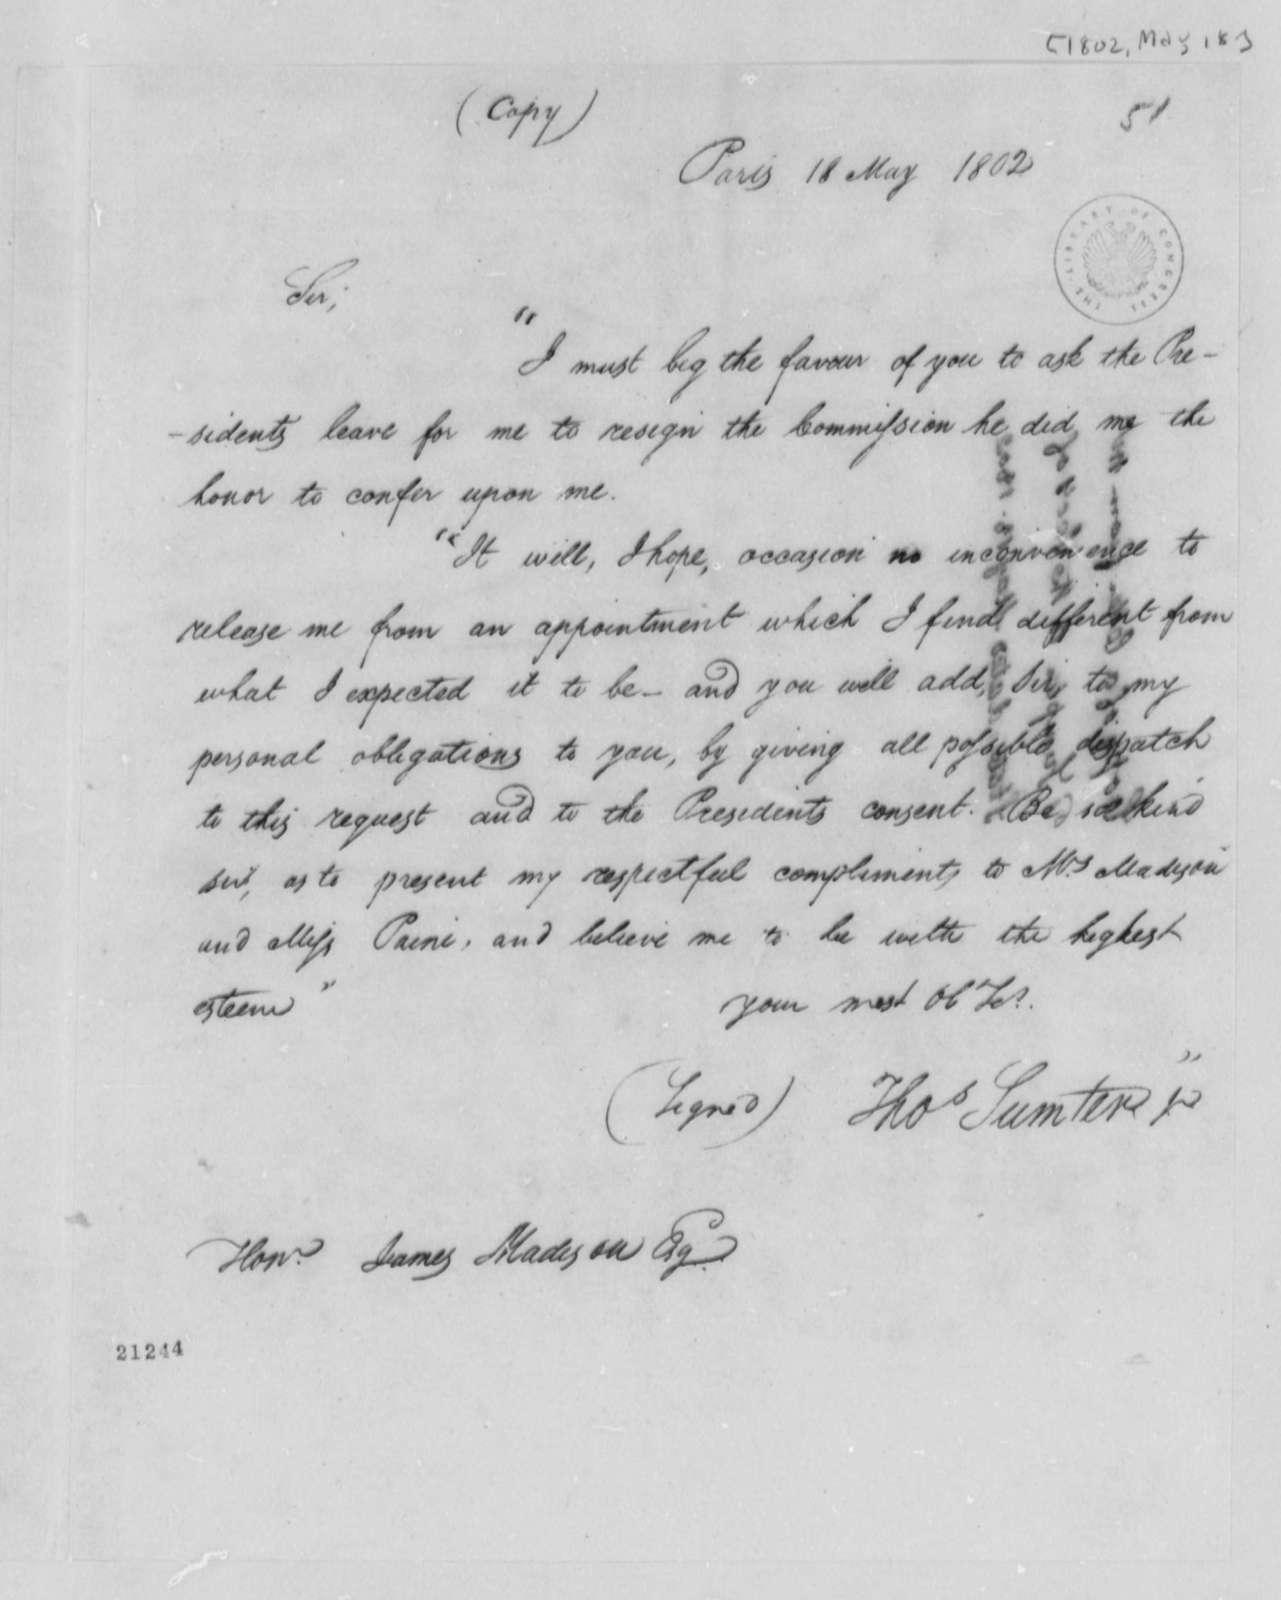 Thomas Sumter, Jr. to James Madison, May 18, 1802